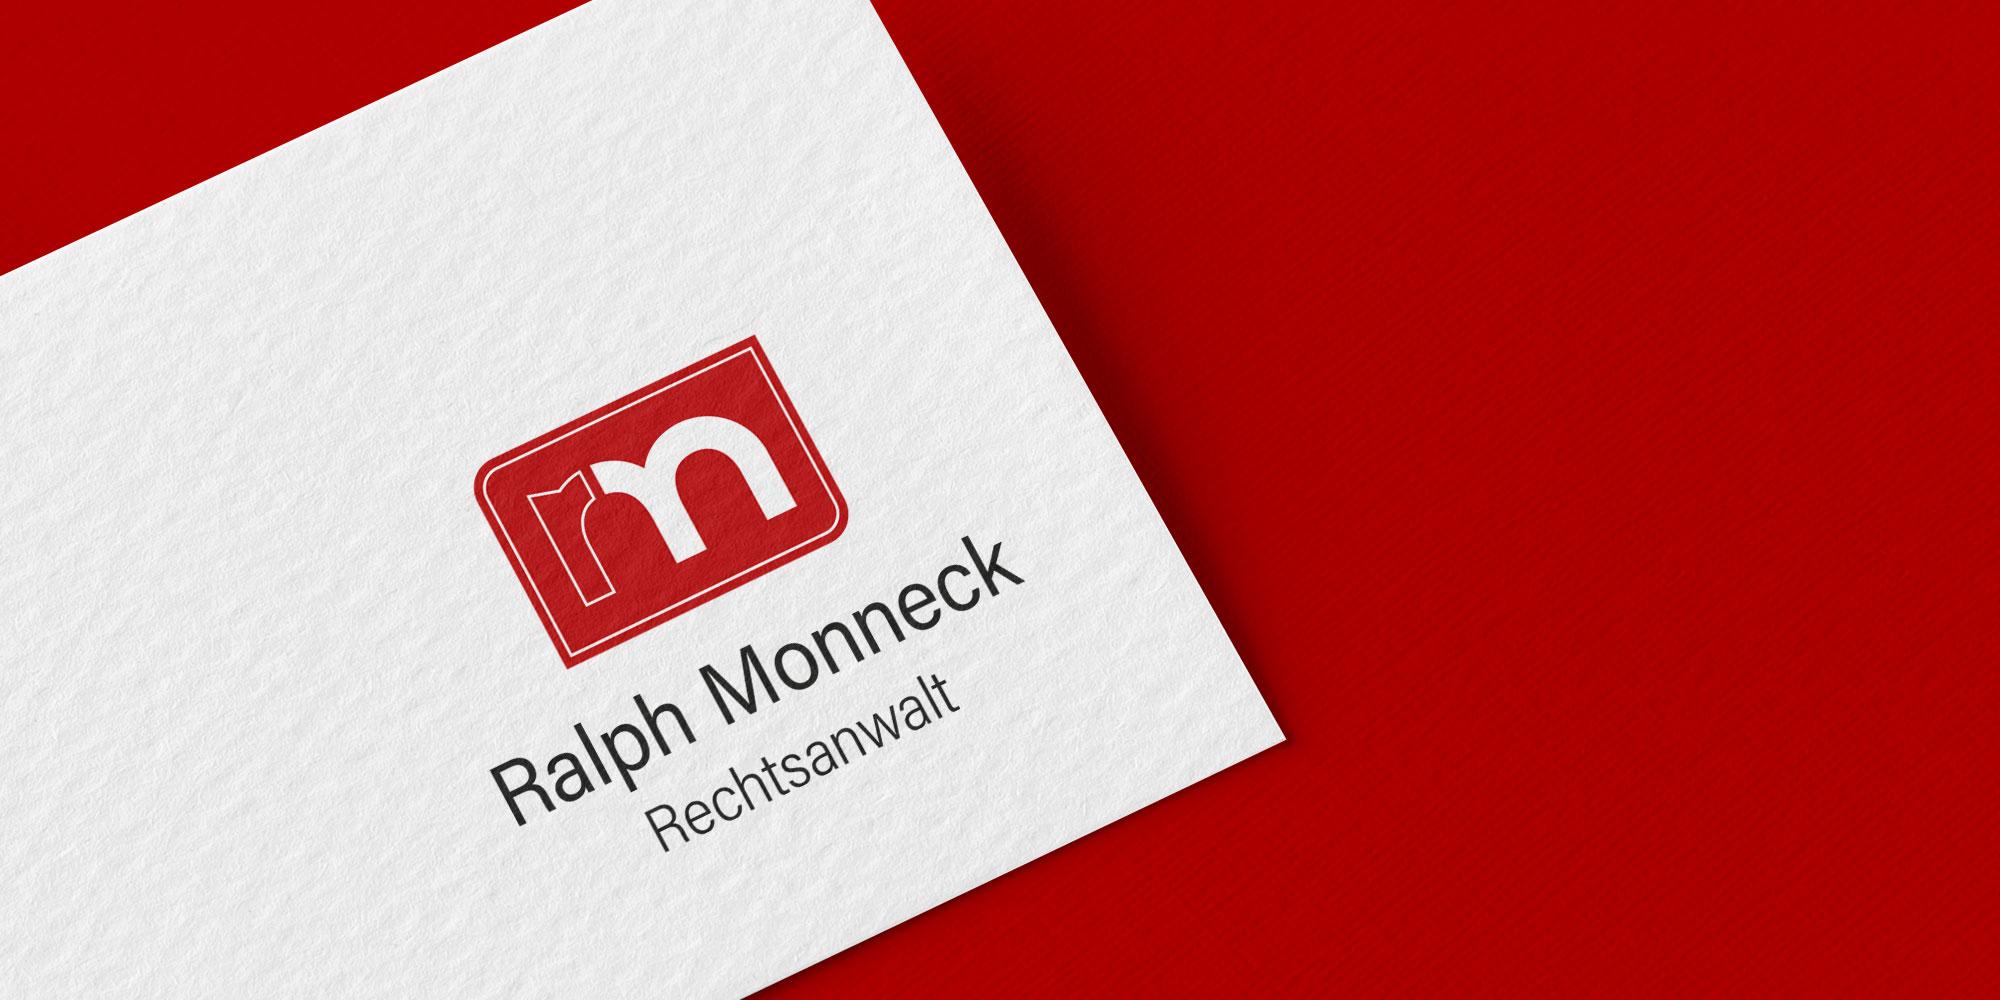 Rechtsanwalt Ralph Monneck